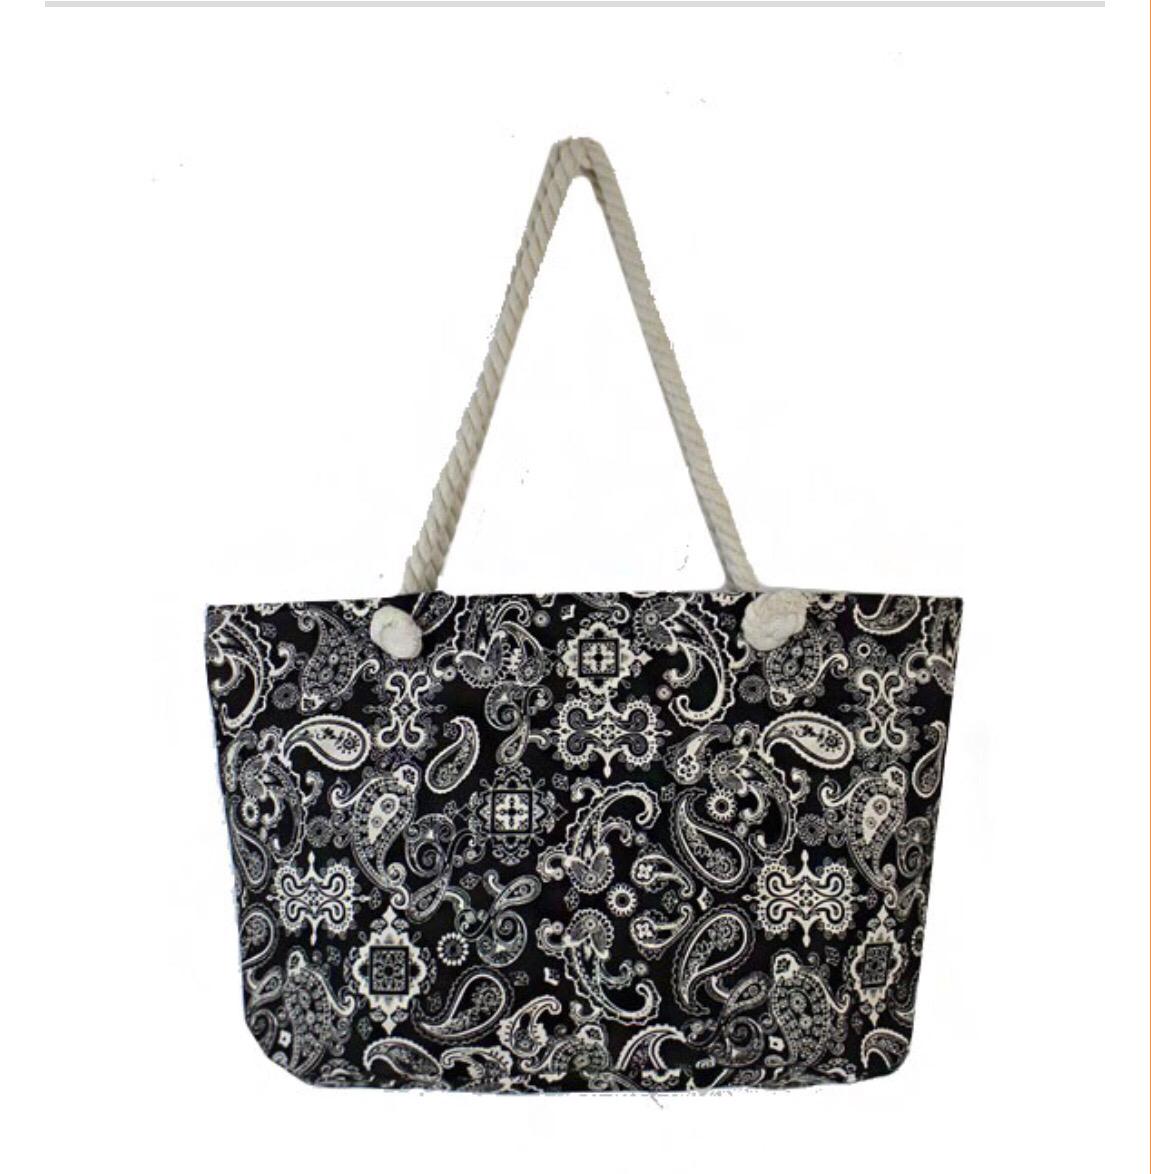 Black and White Paisley Print bag